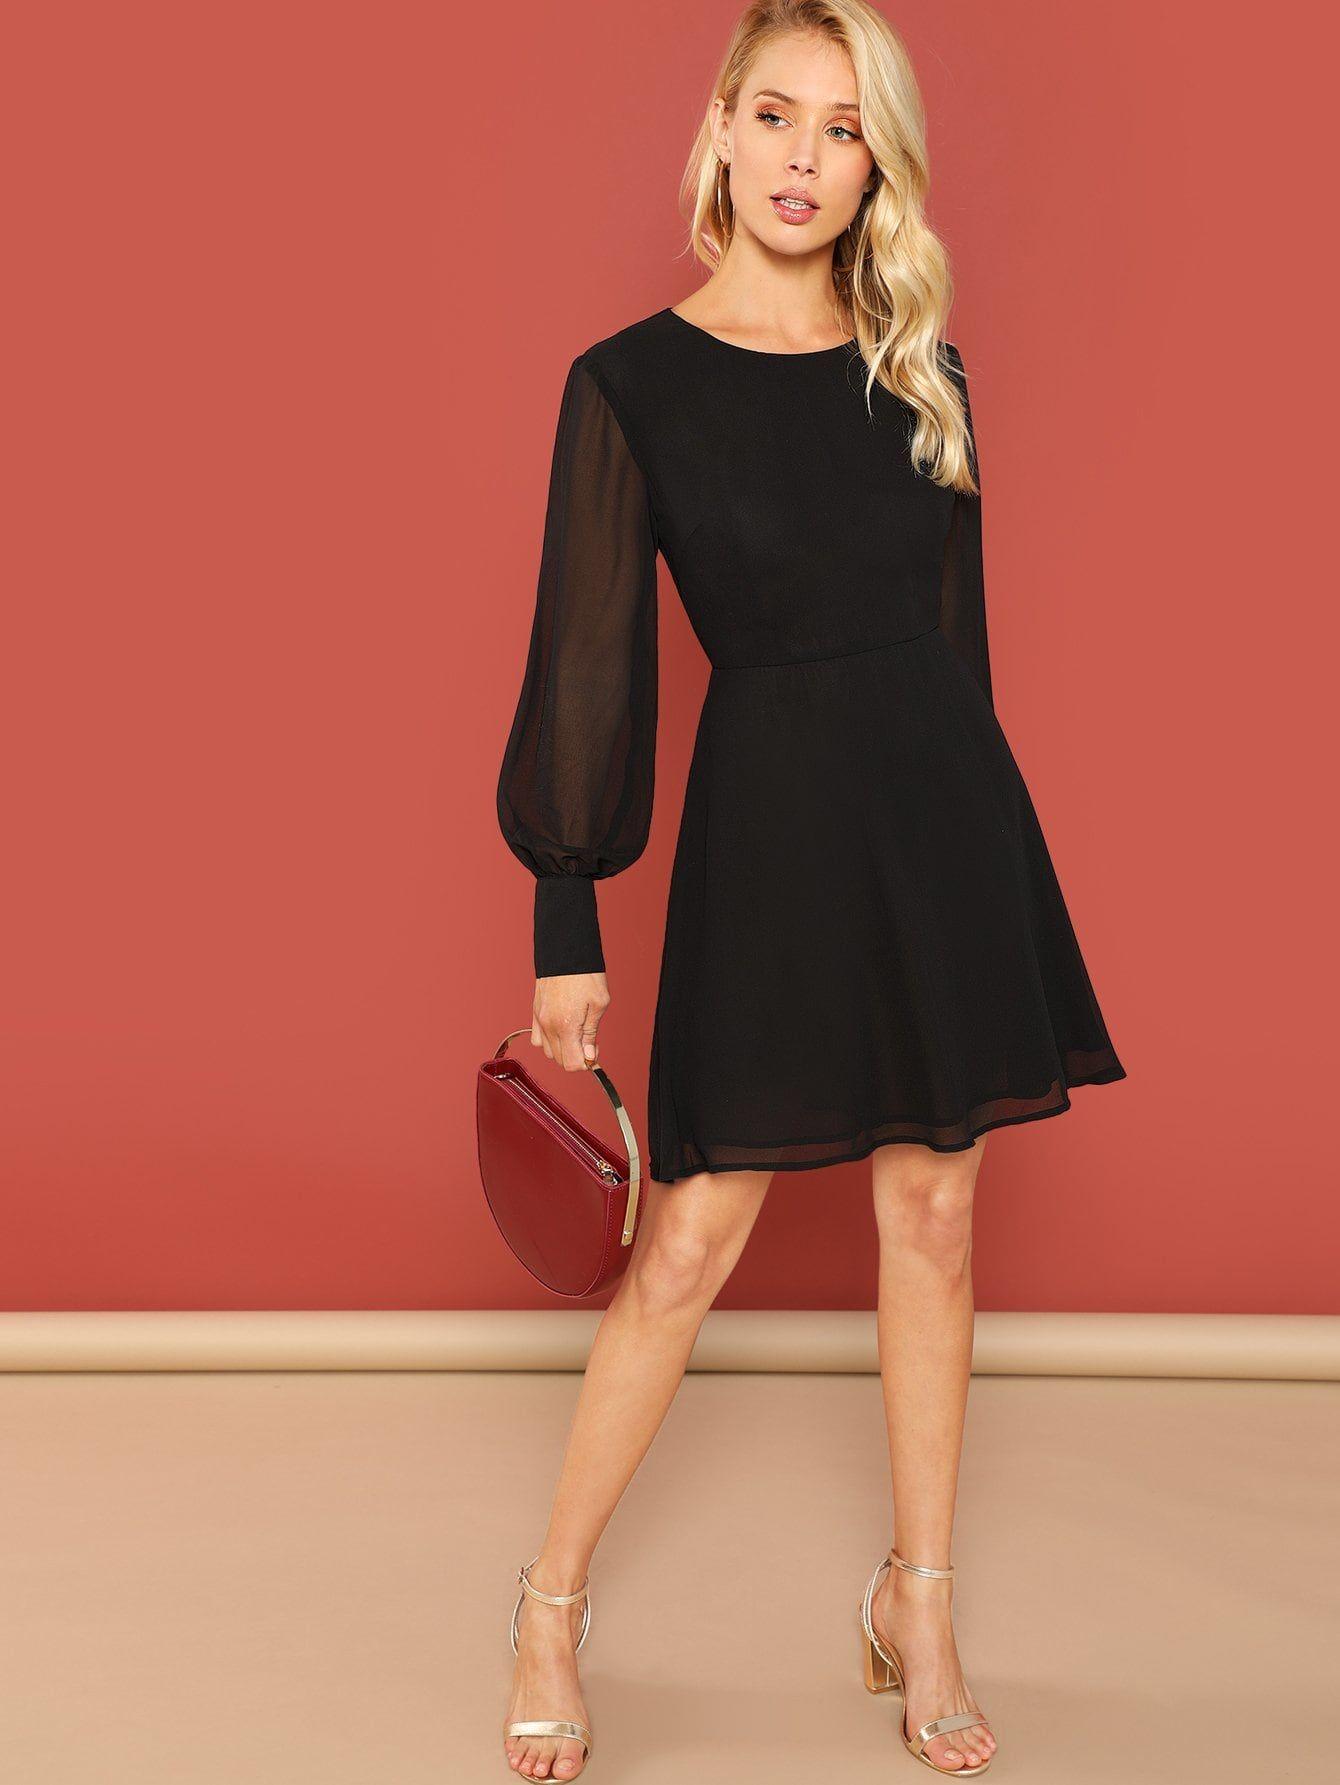 Pleated A Line Dress Pleated Line Dress Flare Dress Fit Flare Dress Fit And Flare Dress [ 1785 x 1340 Pixel ]